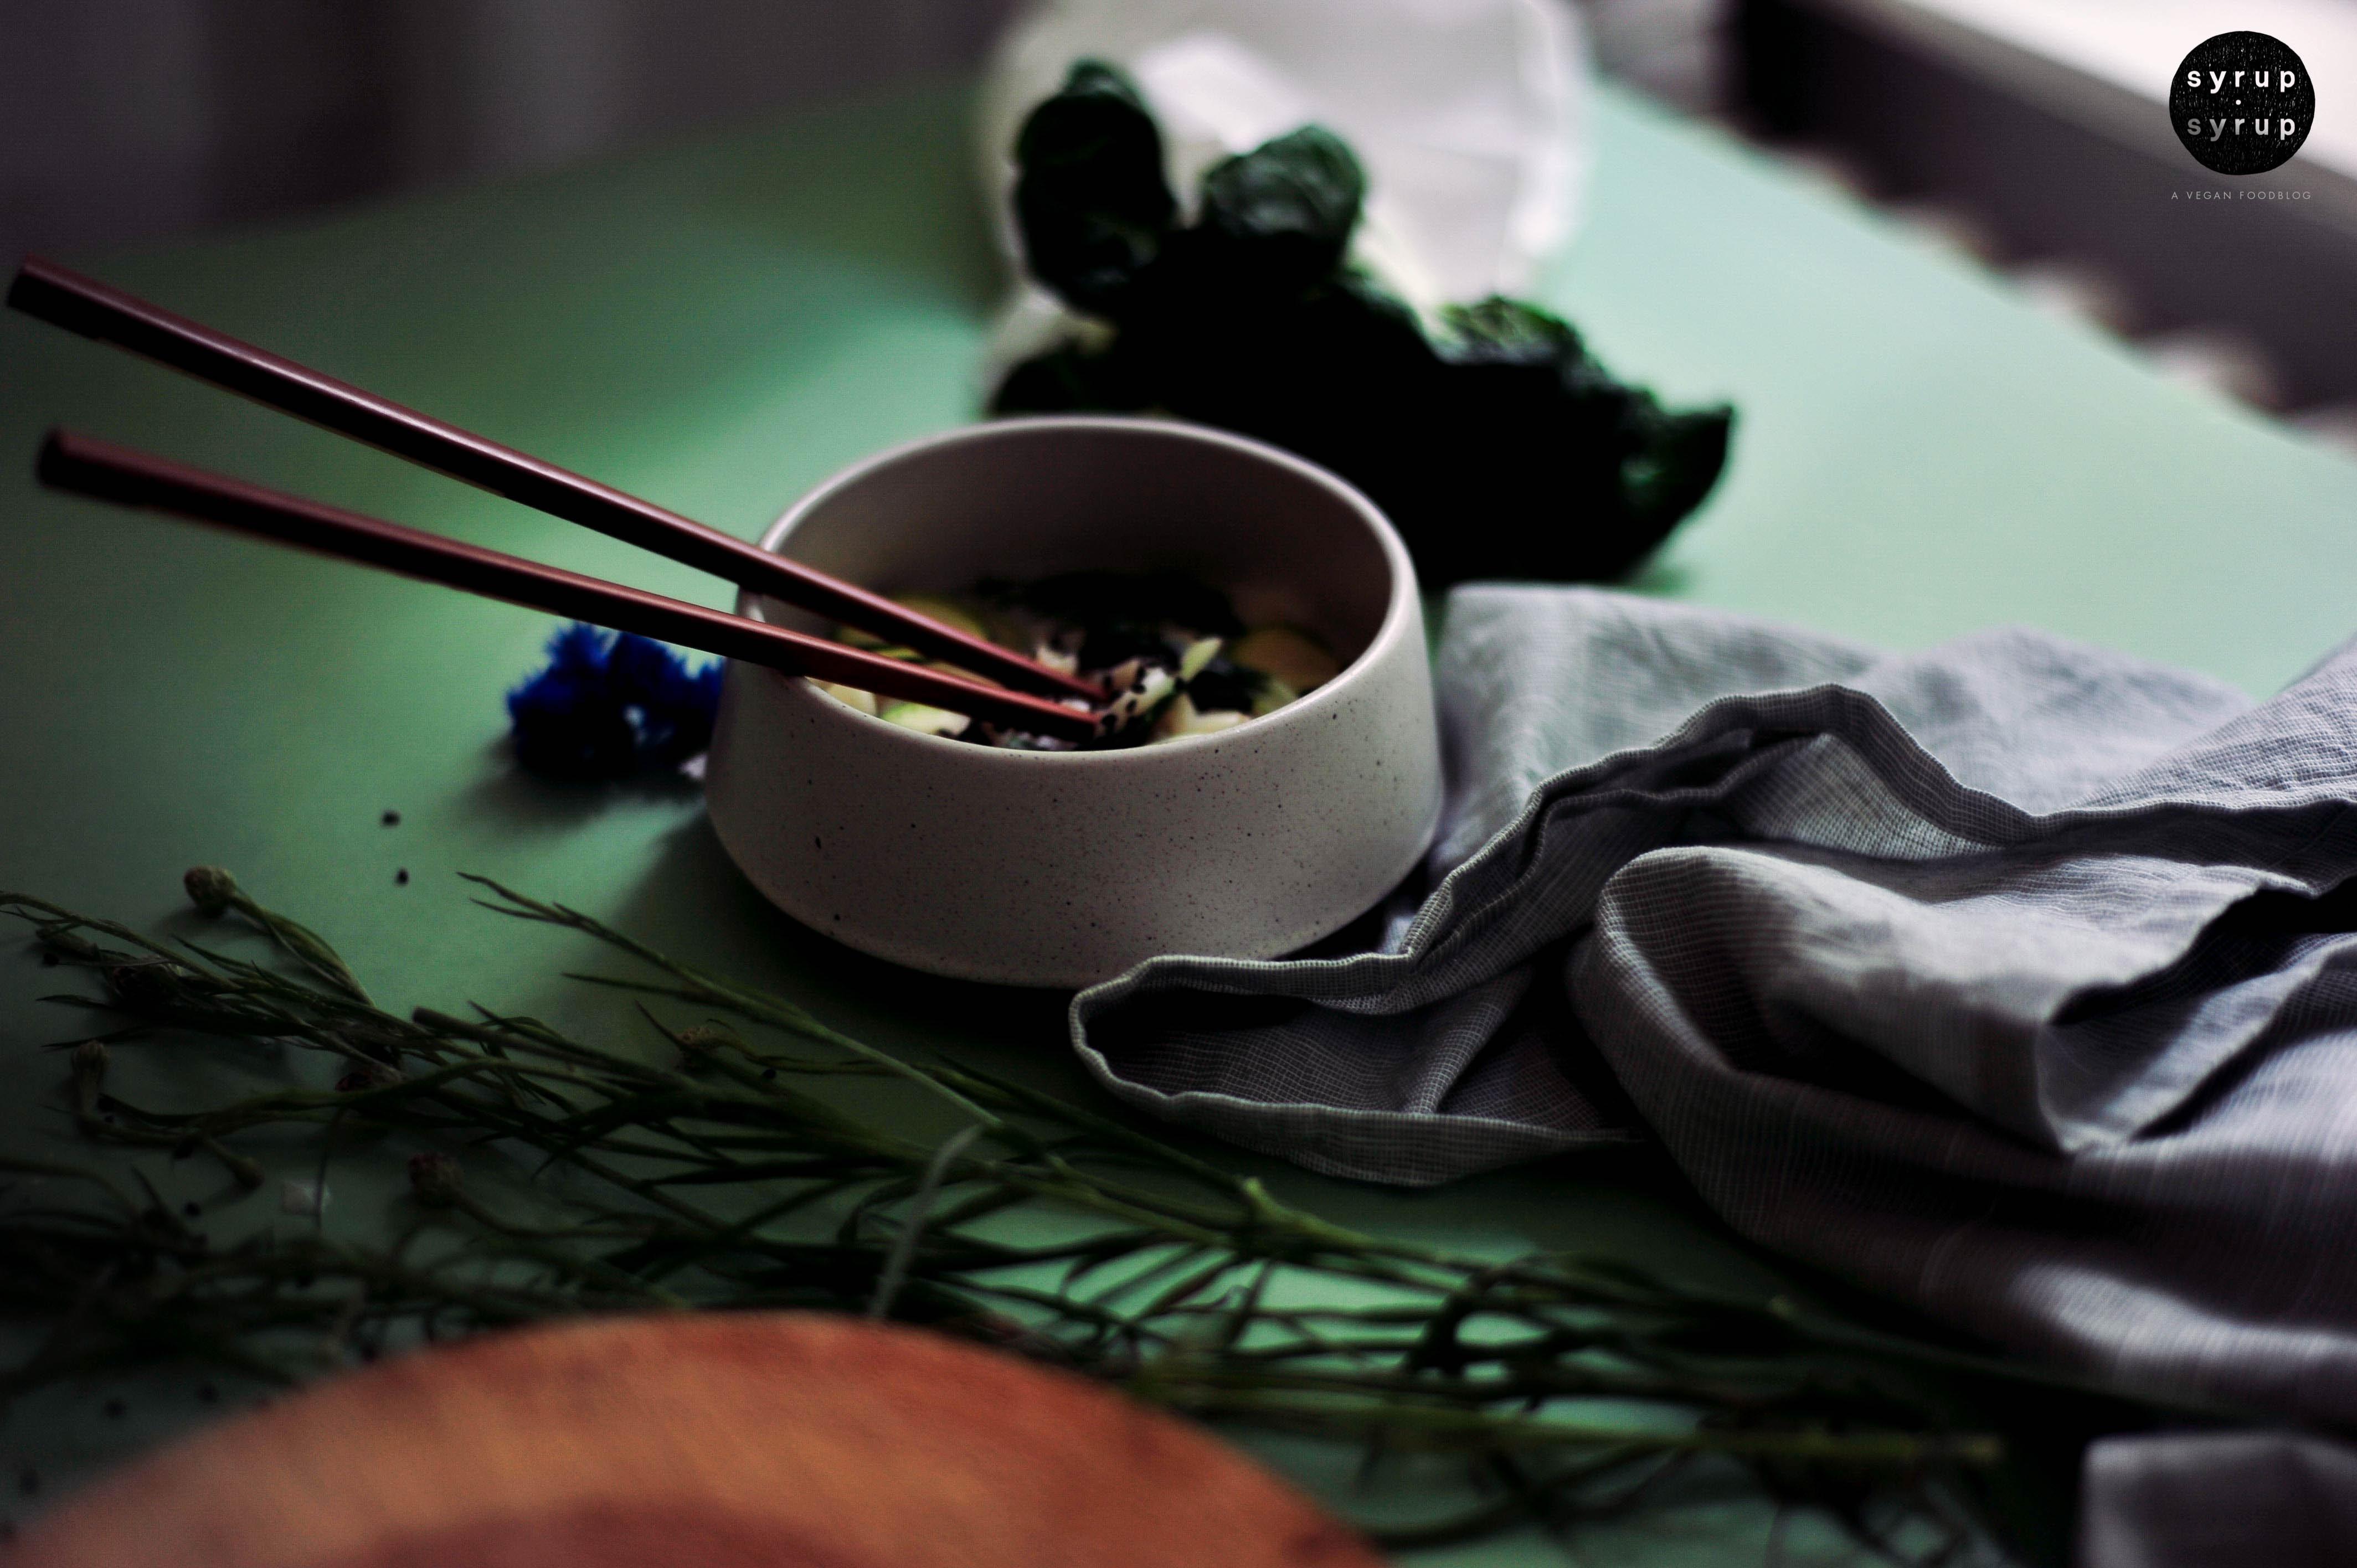 schnelle vegane suppe 03 - Asiatische Gemüsesuppe mit Udon